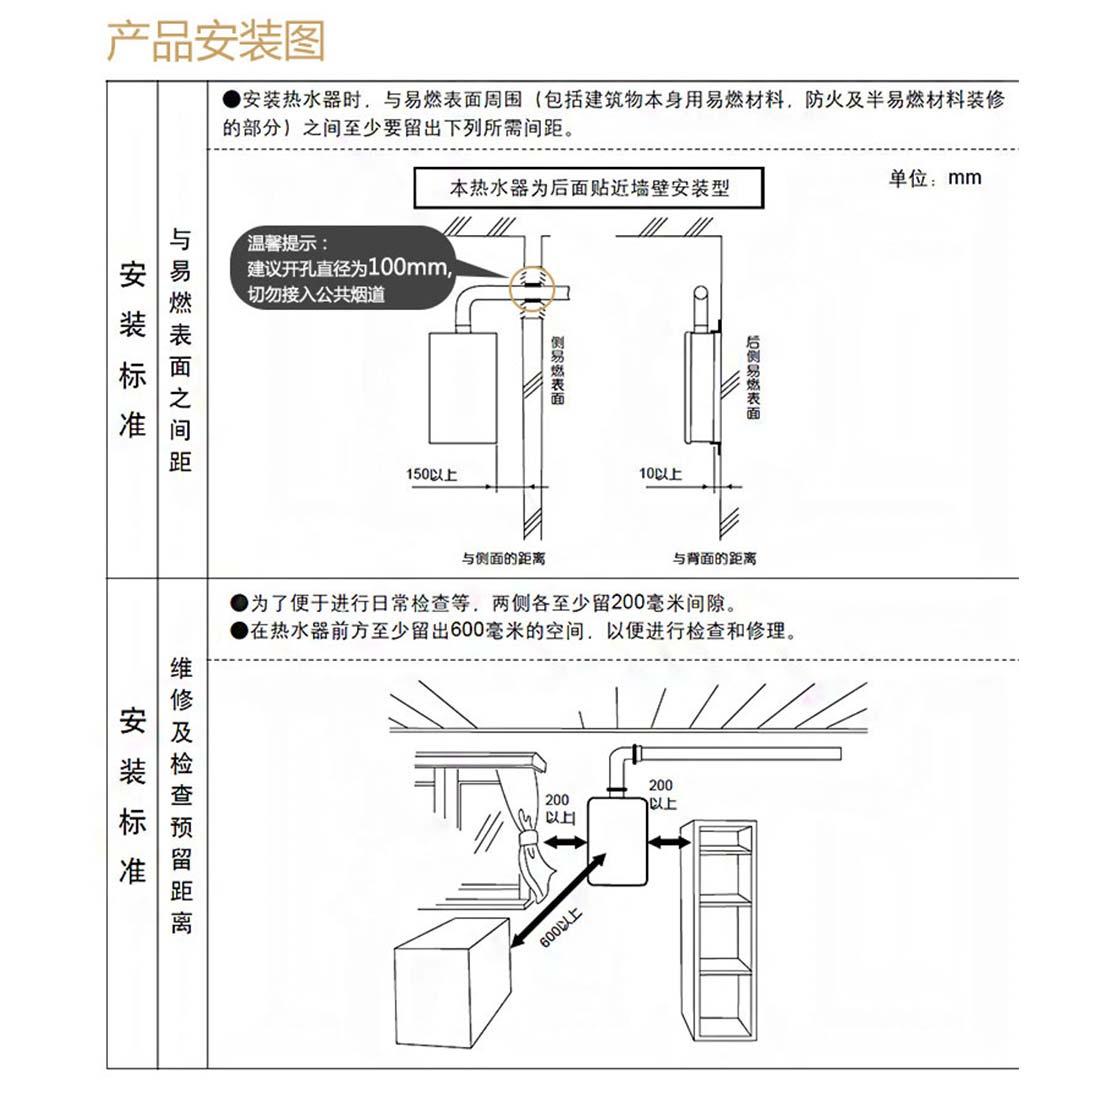 方太JSG21-11BESS安装示意图